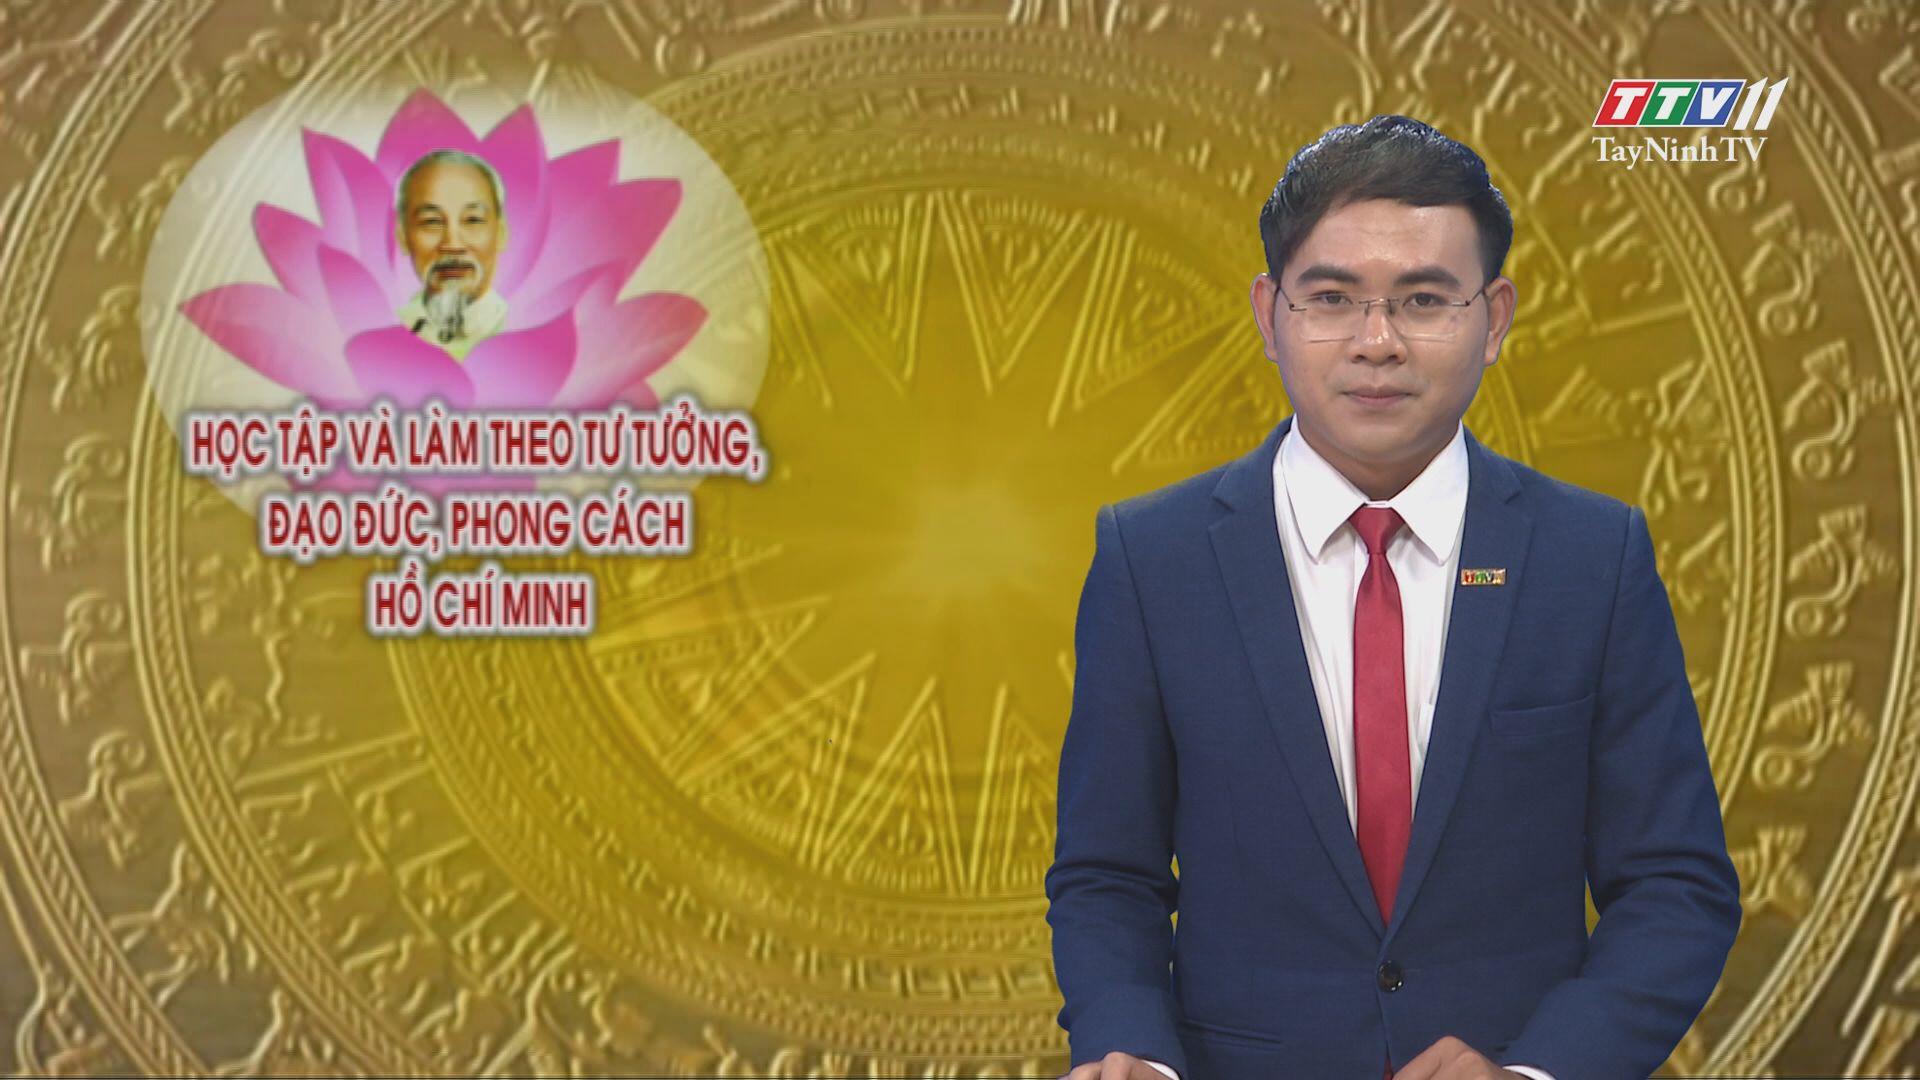 Cán bộ hội tận tâm | Học tập và làm theo gương Hồ Chí Minh | TayNinhTV